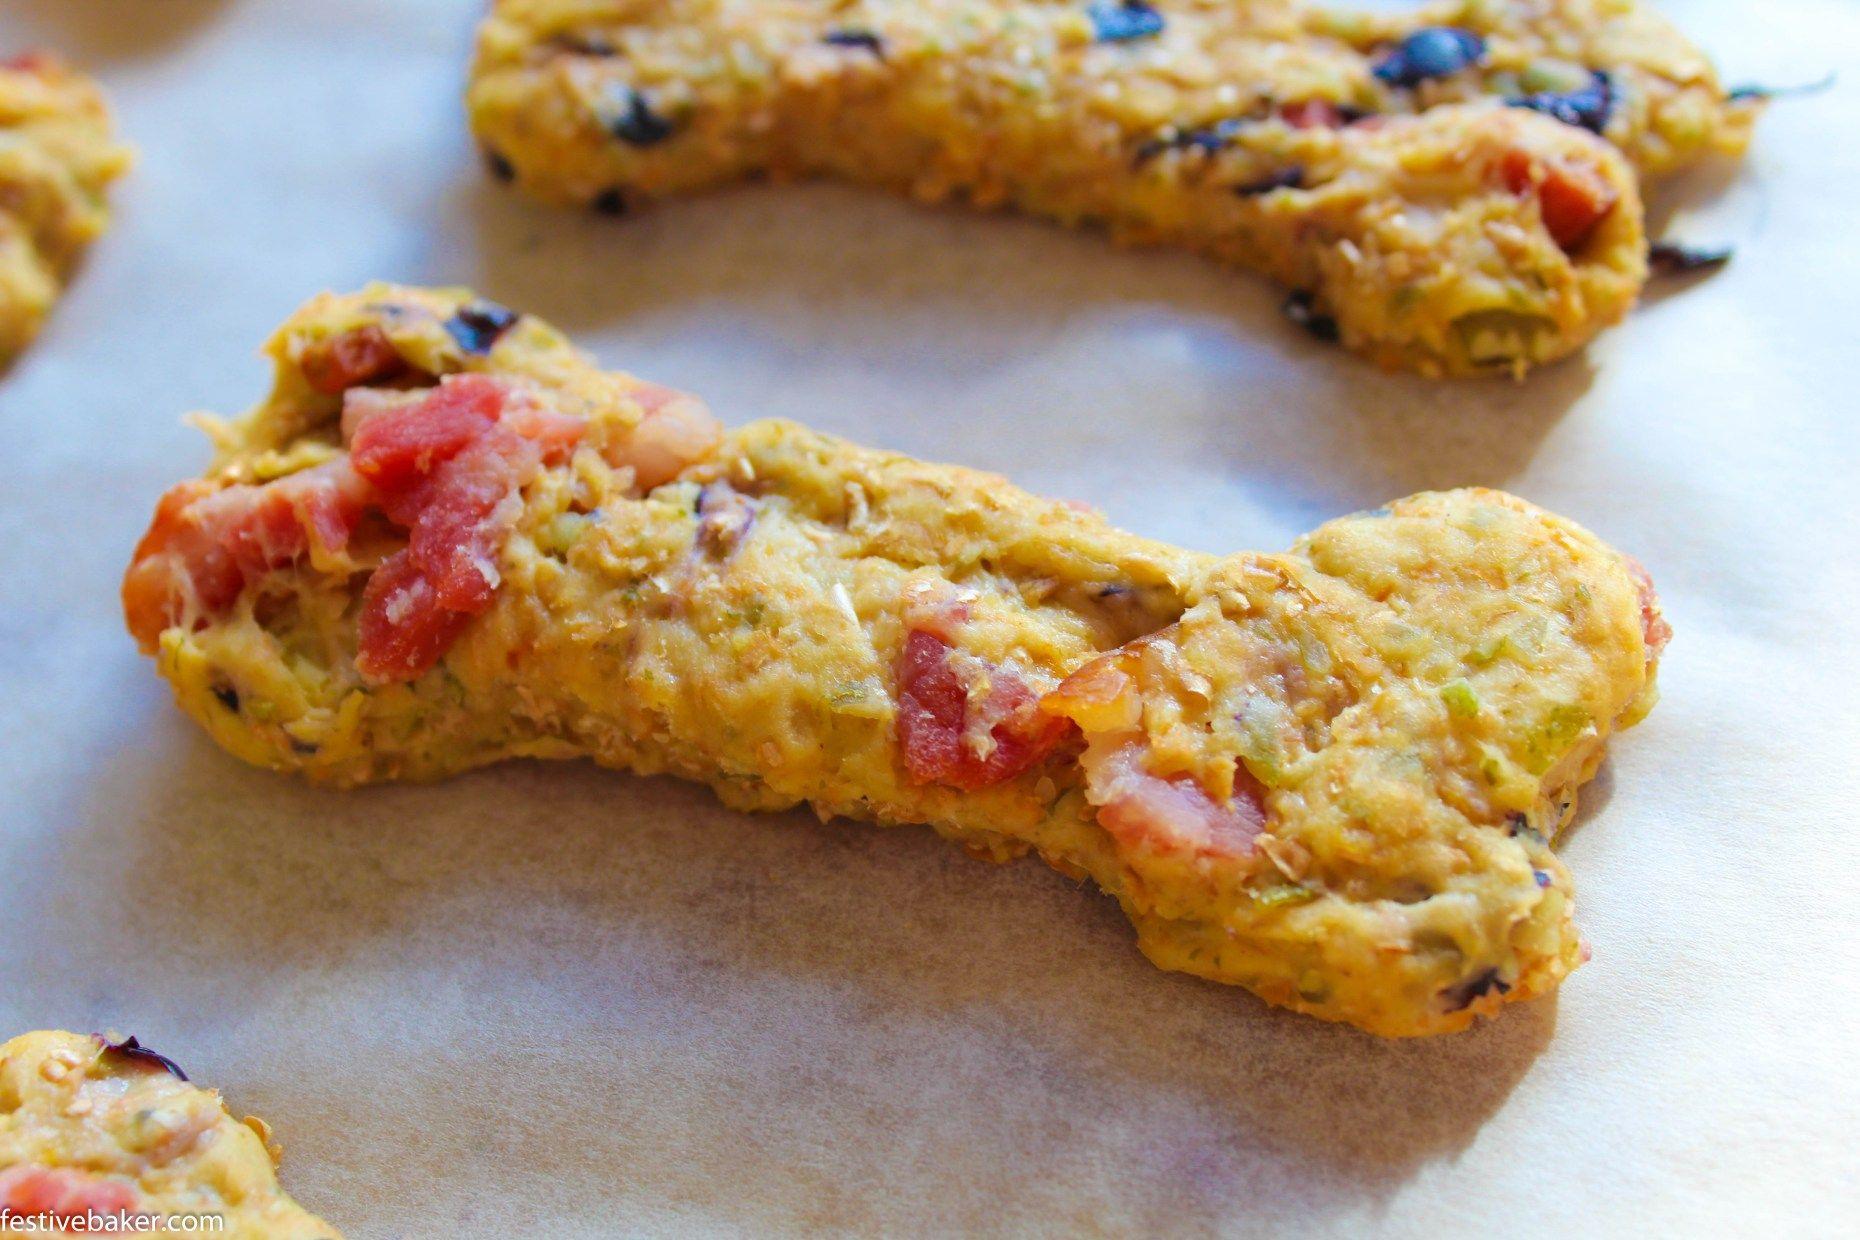 Blueberry and pumpkin dog treats dog treat recipes